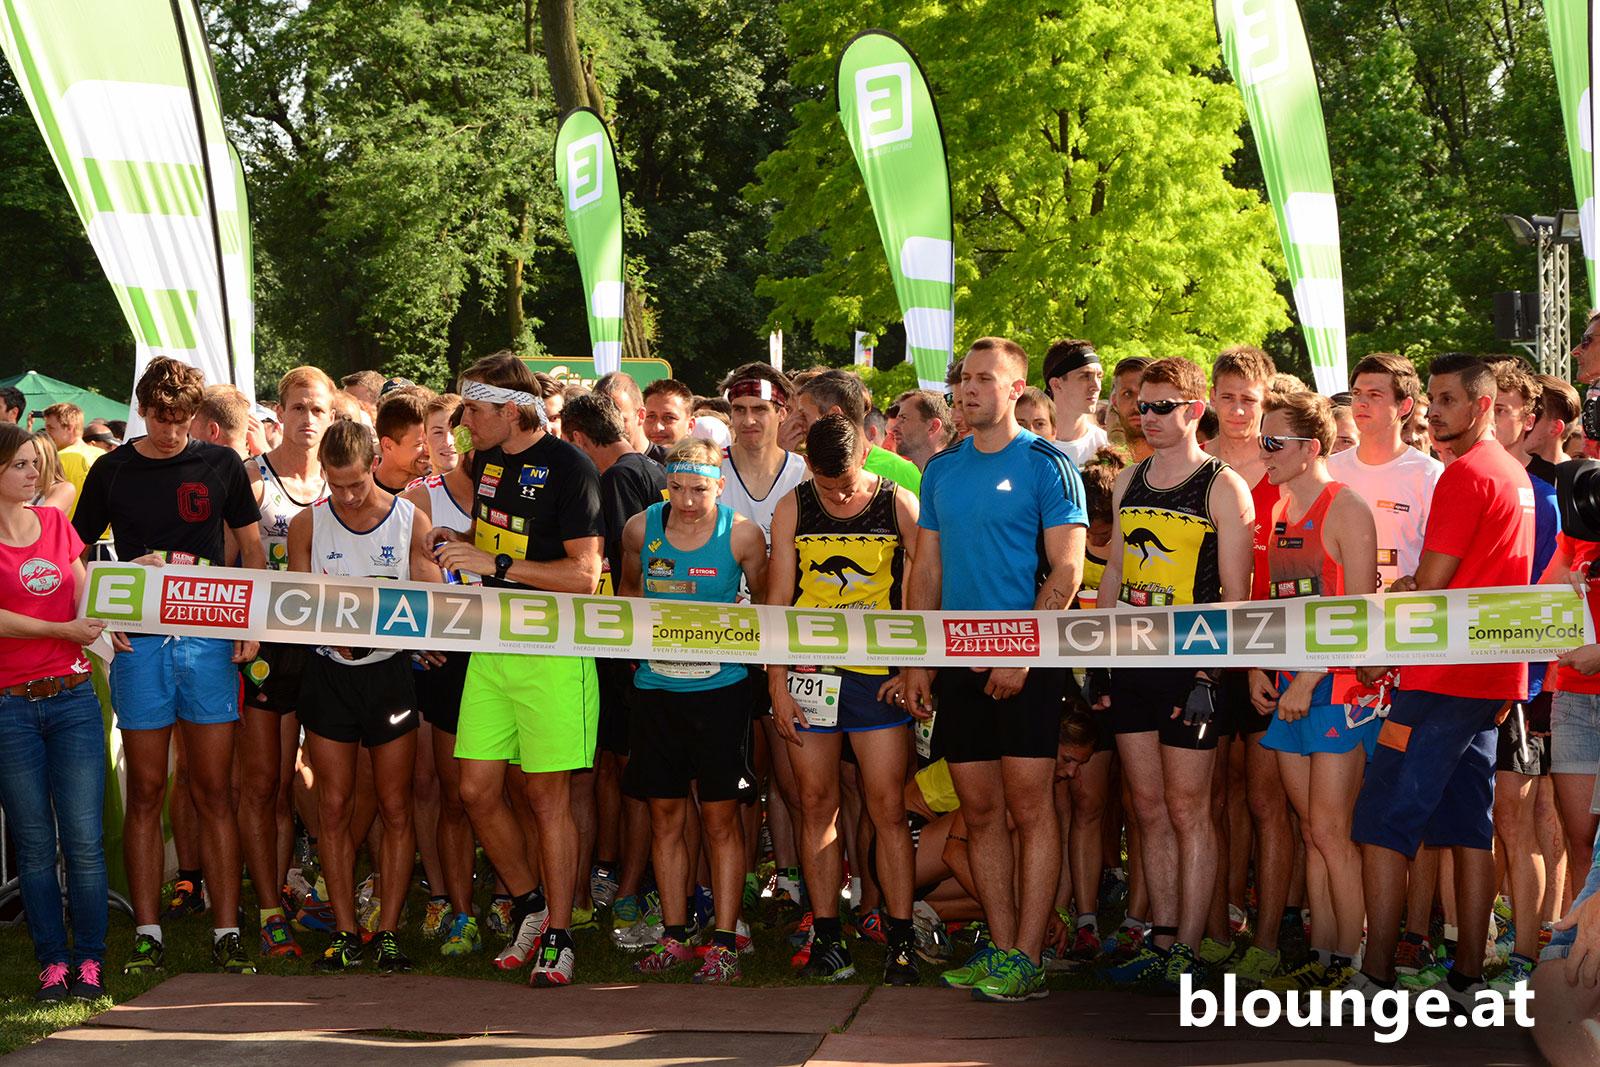 Grazathlon 2015